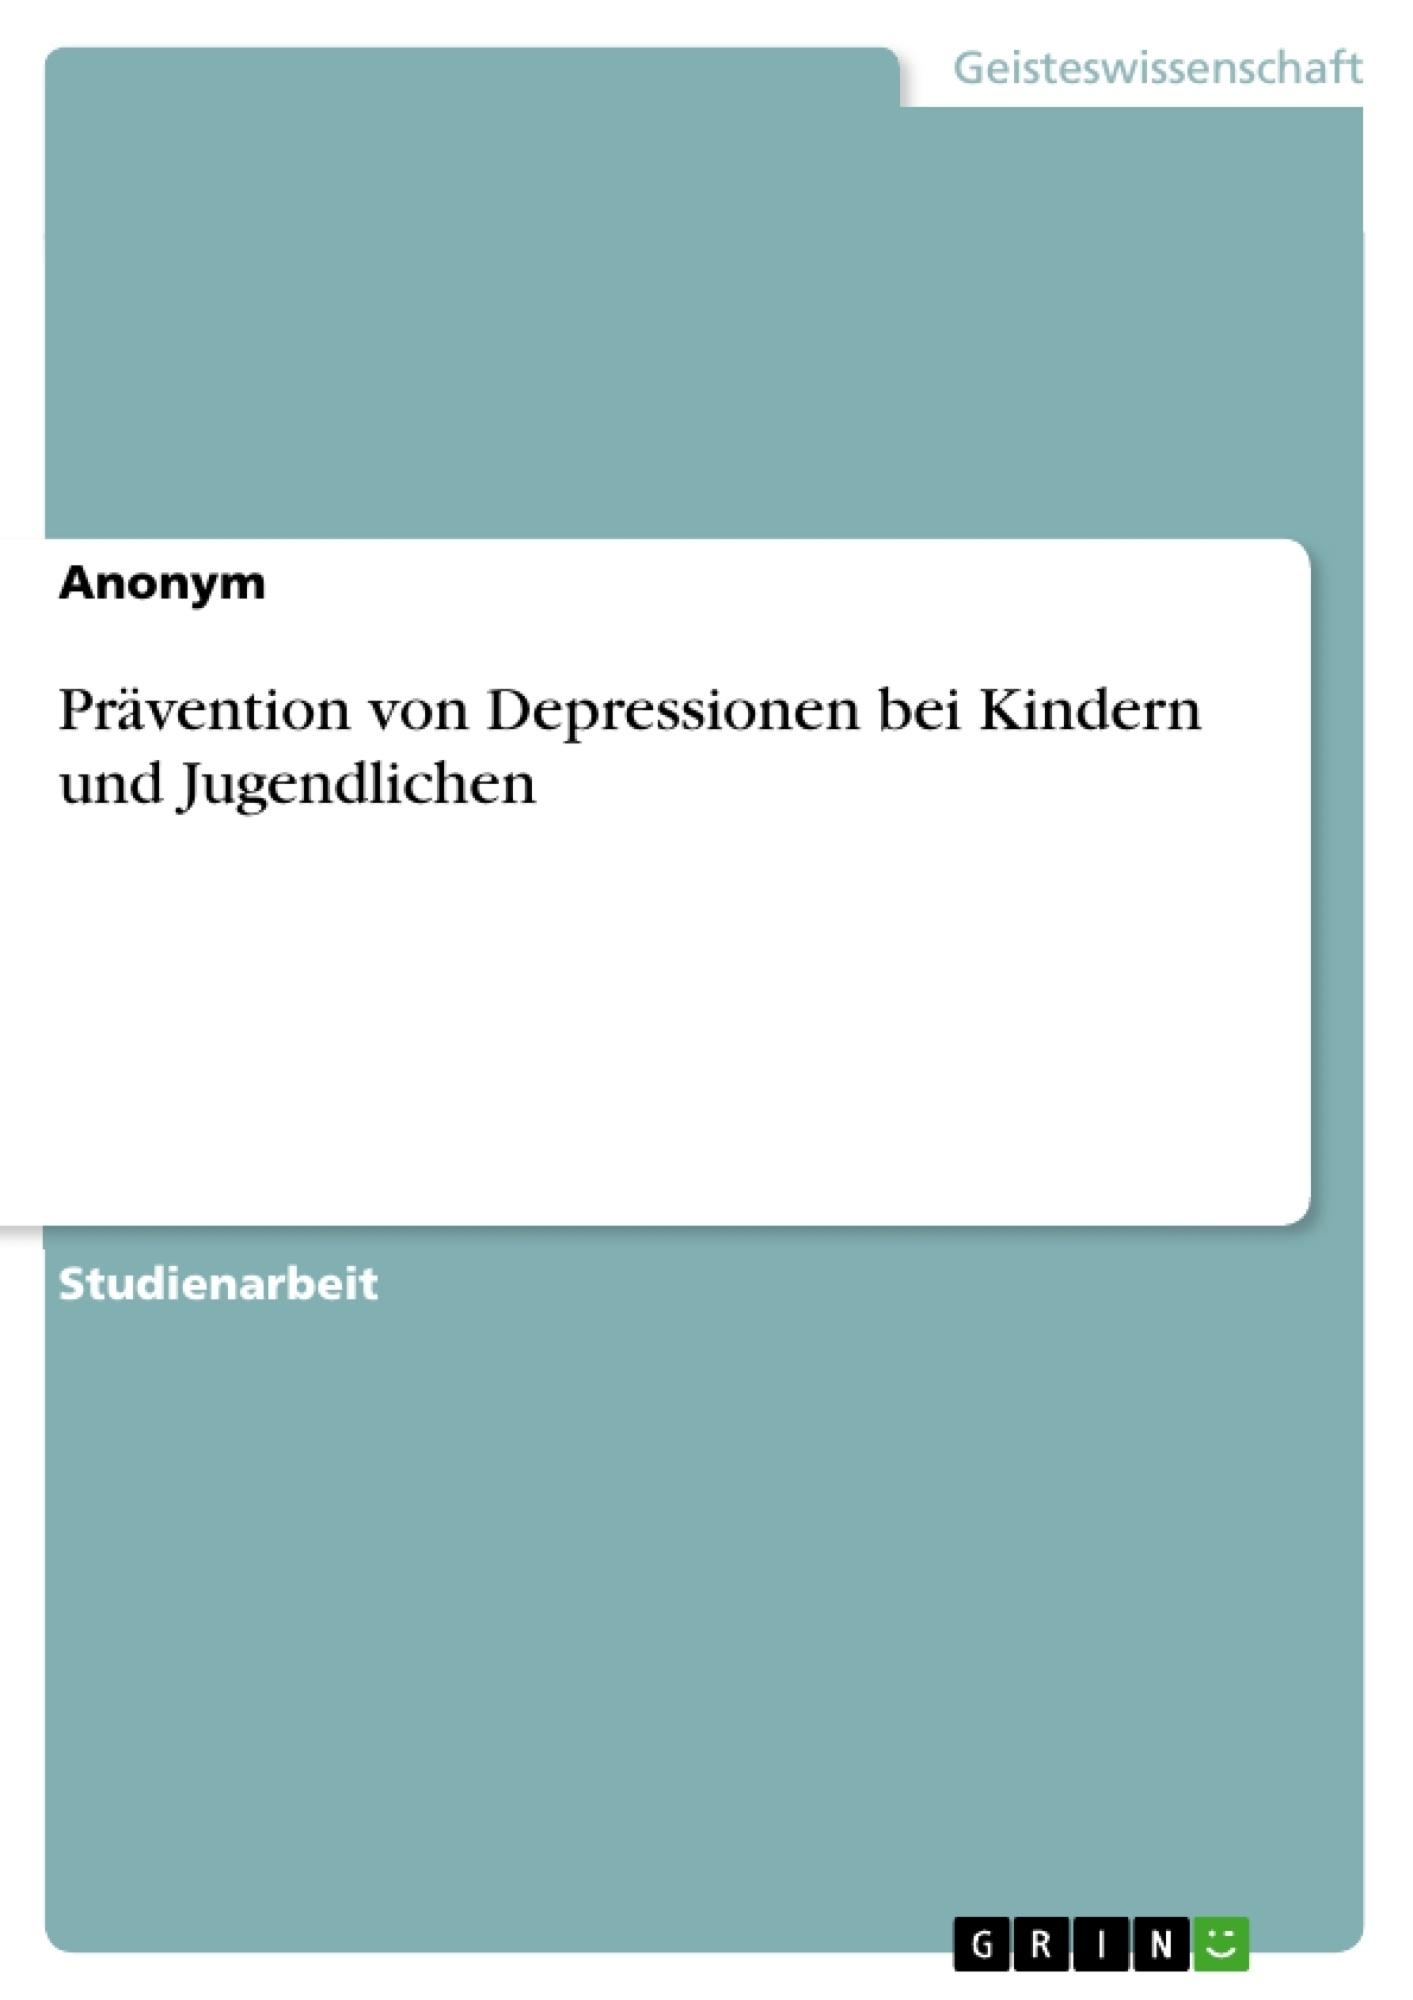 Titel: Prävention von Depressionen bei Kindern und Jugendlichen